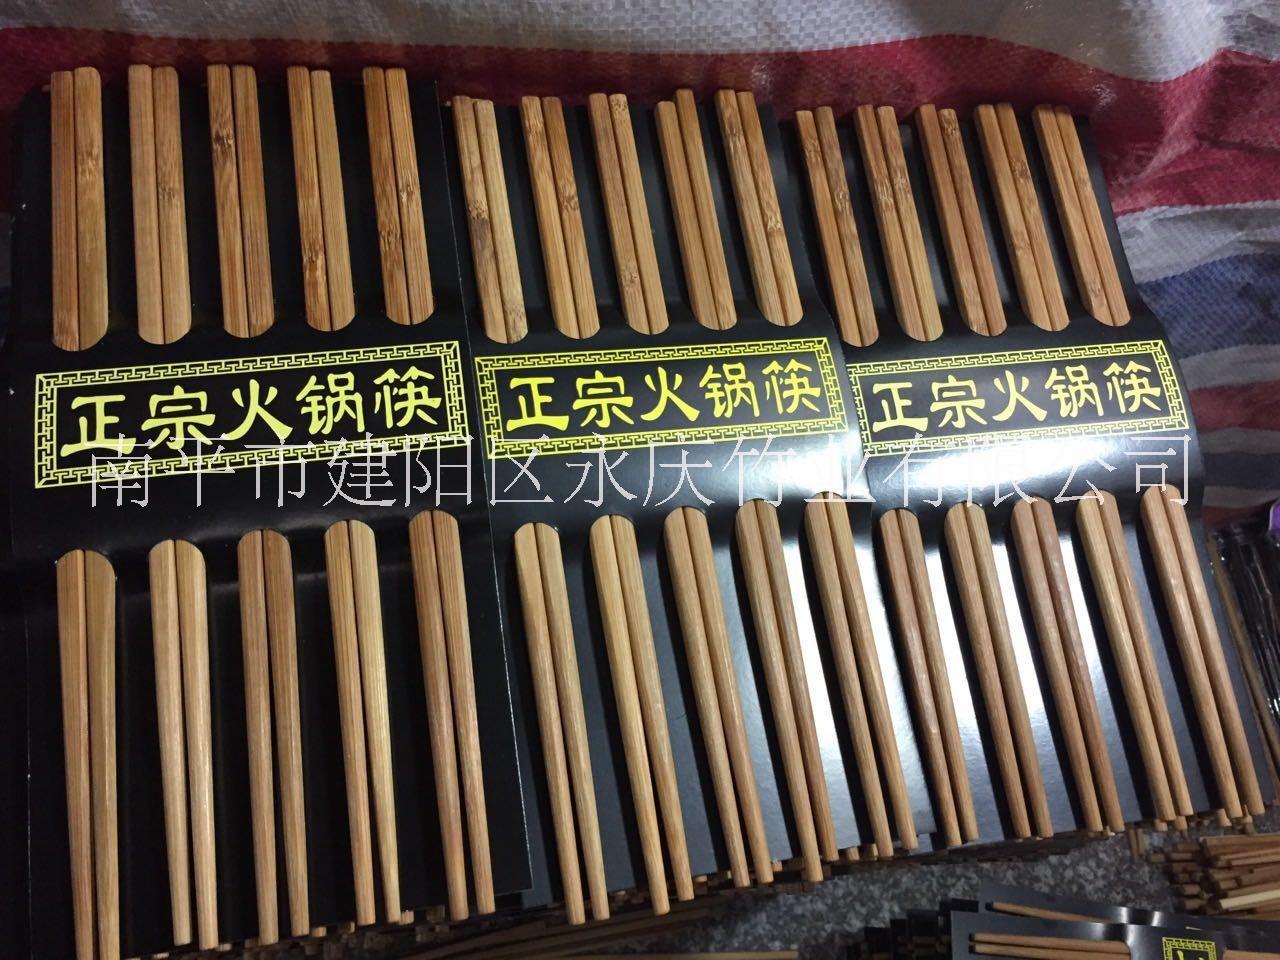 包装竹筷销售